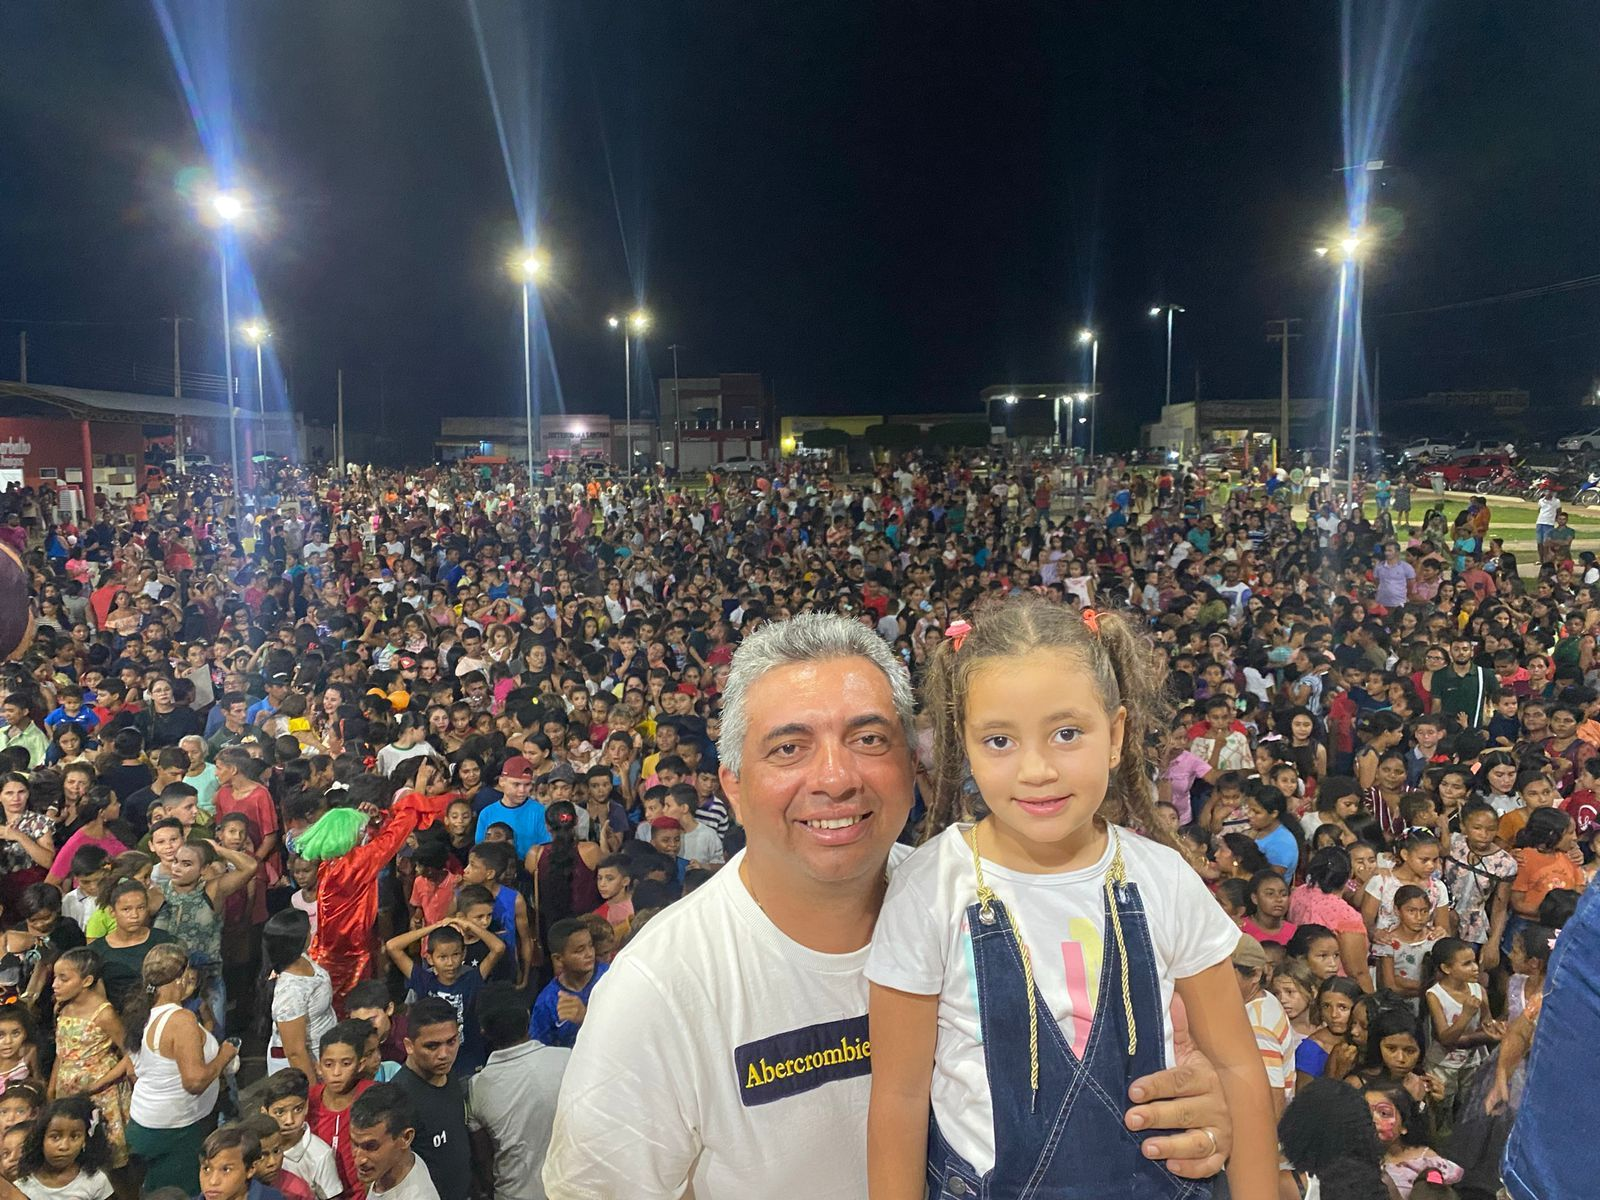 Prefeito Júnior do Posto realiza mega festa em comemoração ao Dia das Crianças em Itaipava do Grajaú